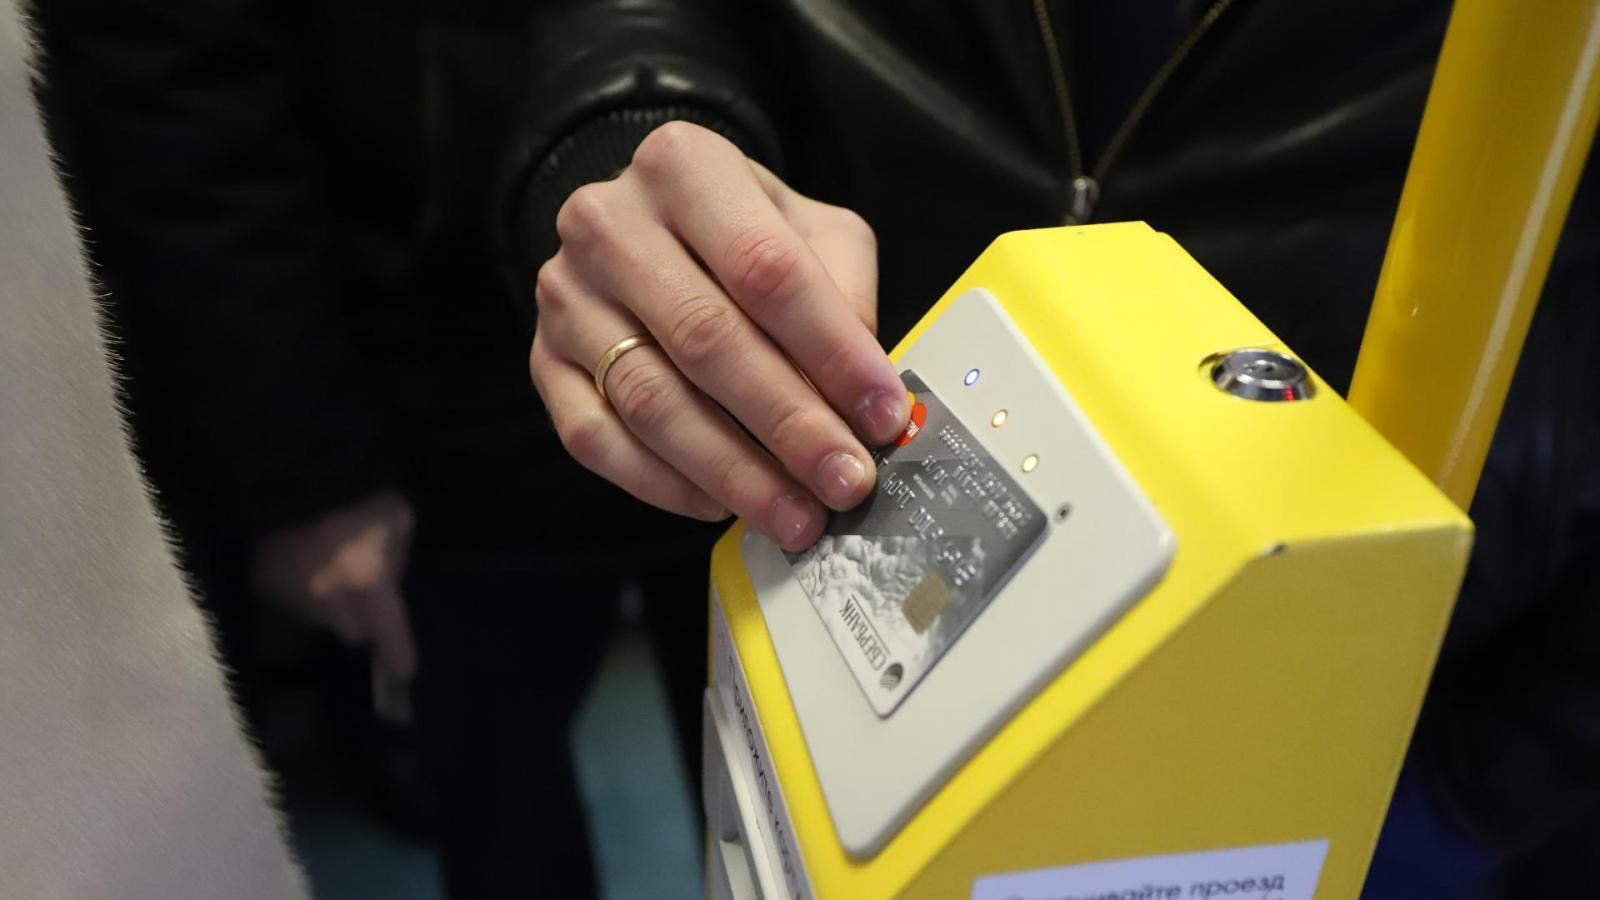 Оплатить проезд в автобусе можно будет банковской картой